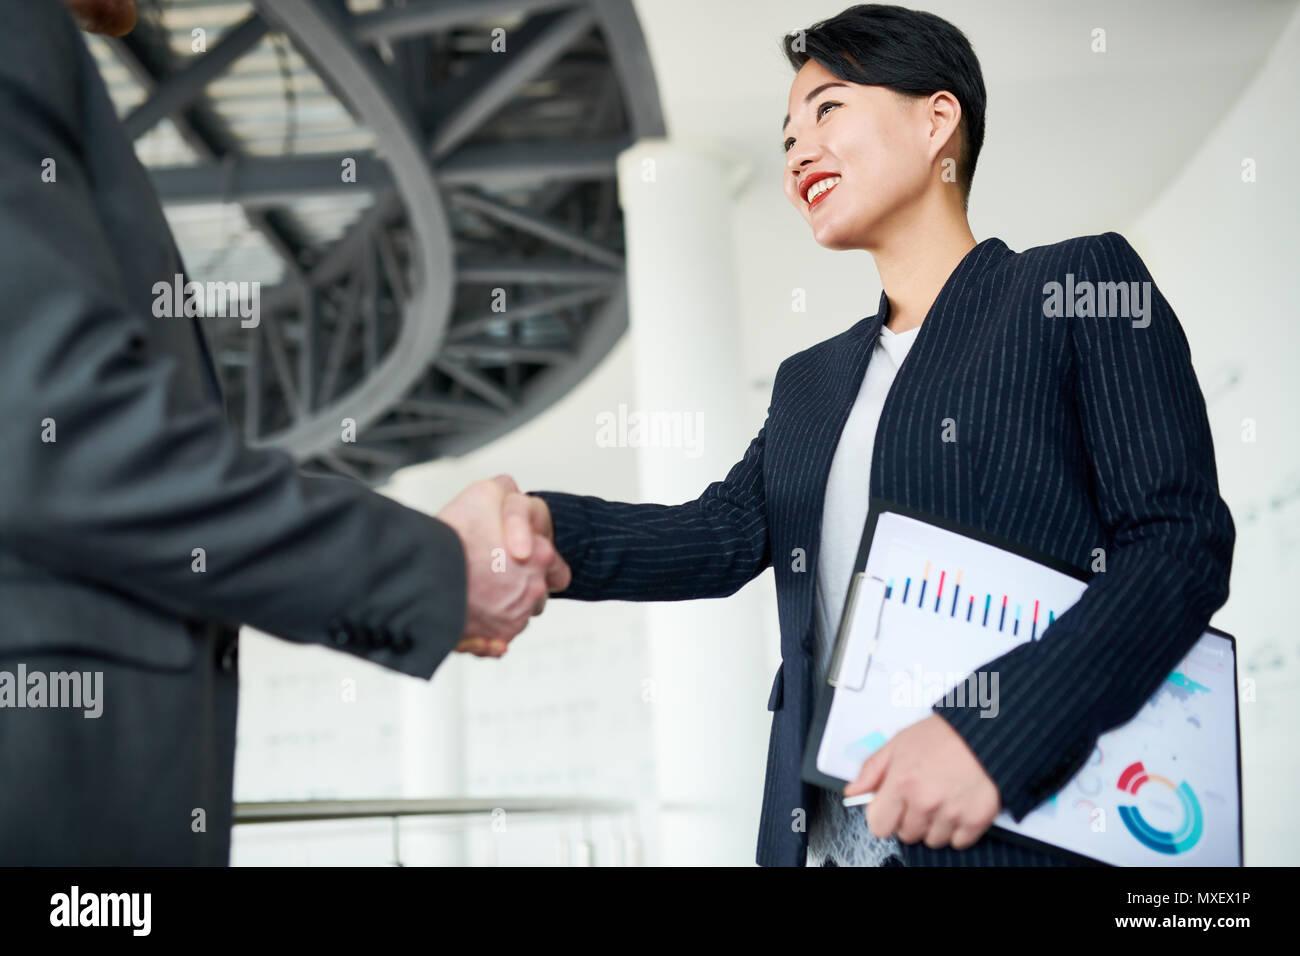 Saludo bastante empresario socio de negocio Imagen De Stock